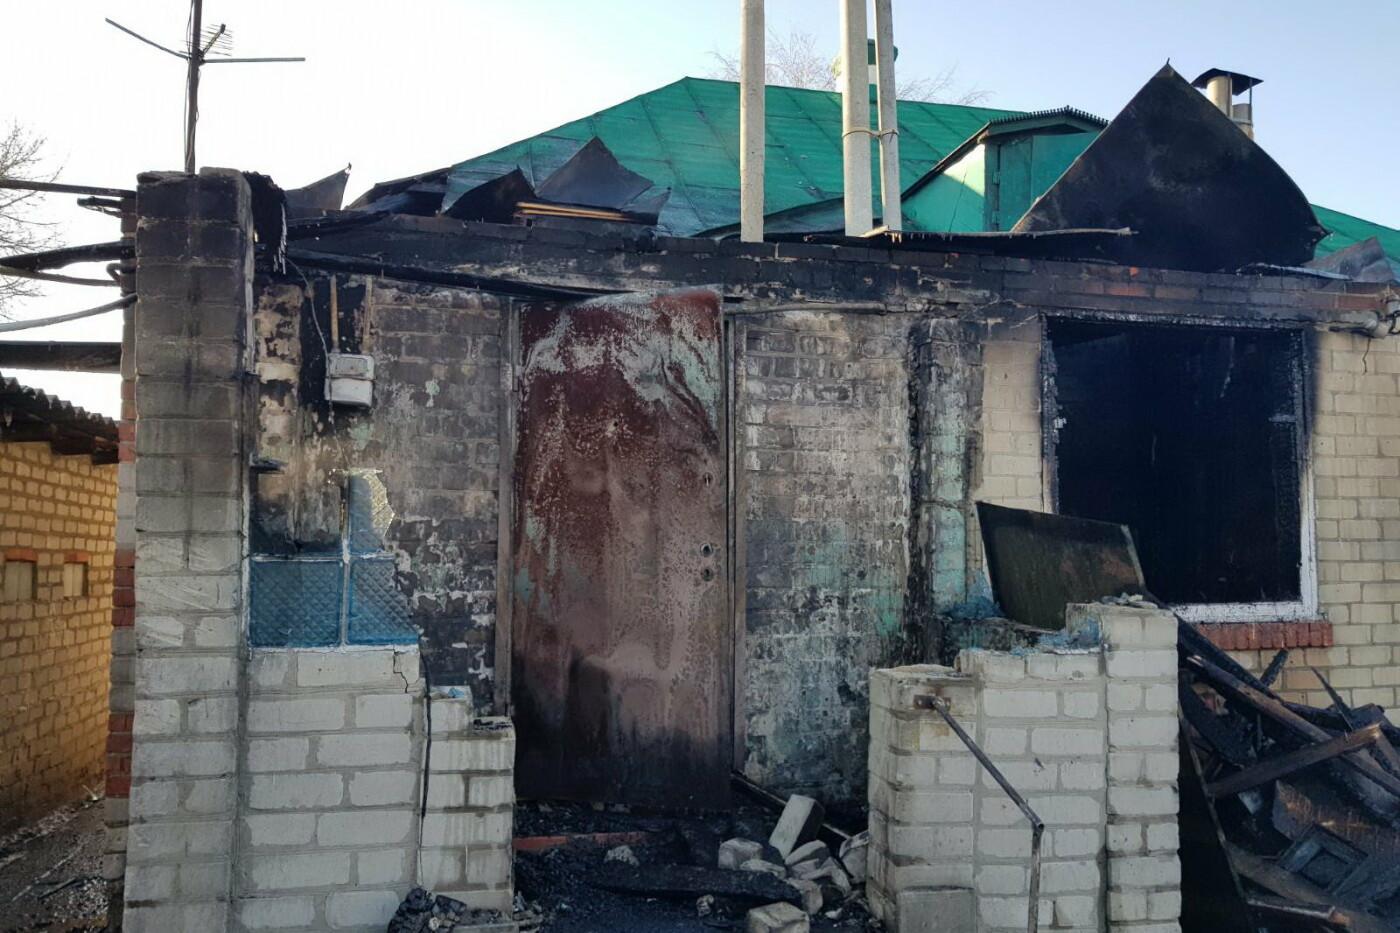 Огонь отрезал единственный выход: под Харьковом бабушка пробралась в горящий дом и спасла внука, - ФОТО, фото-2